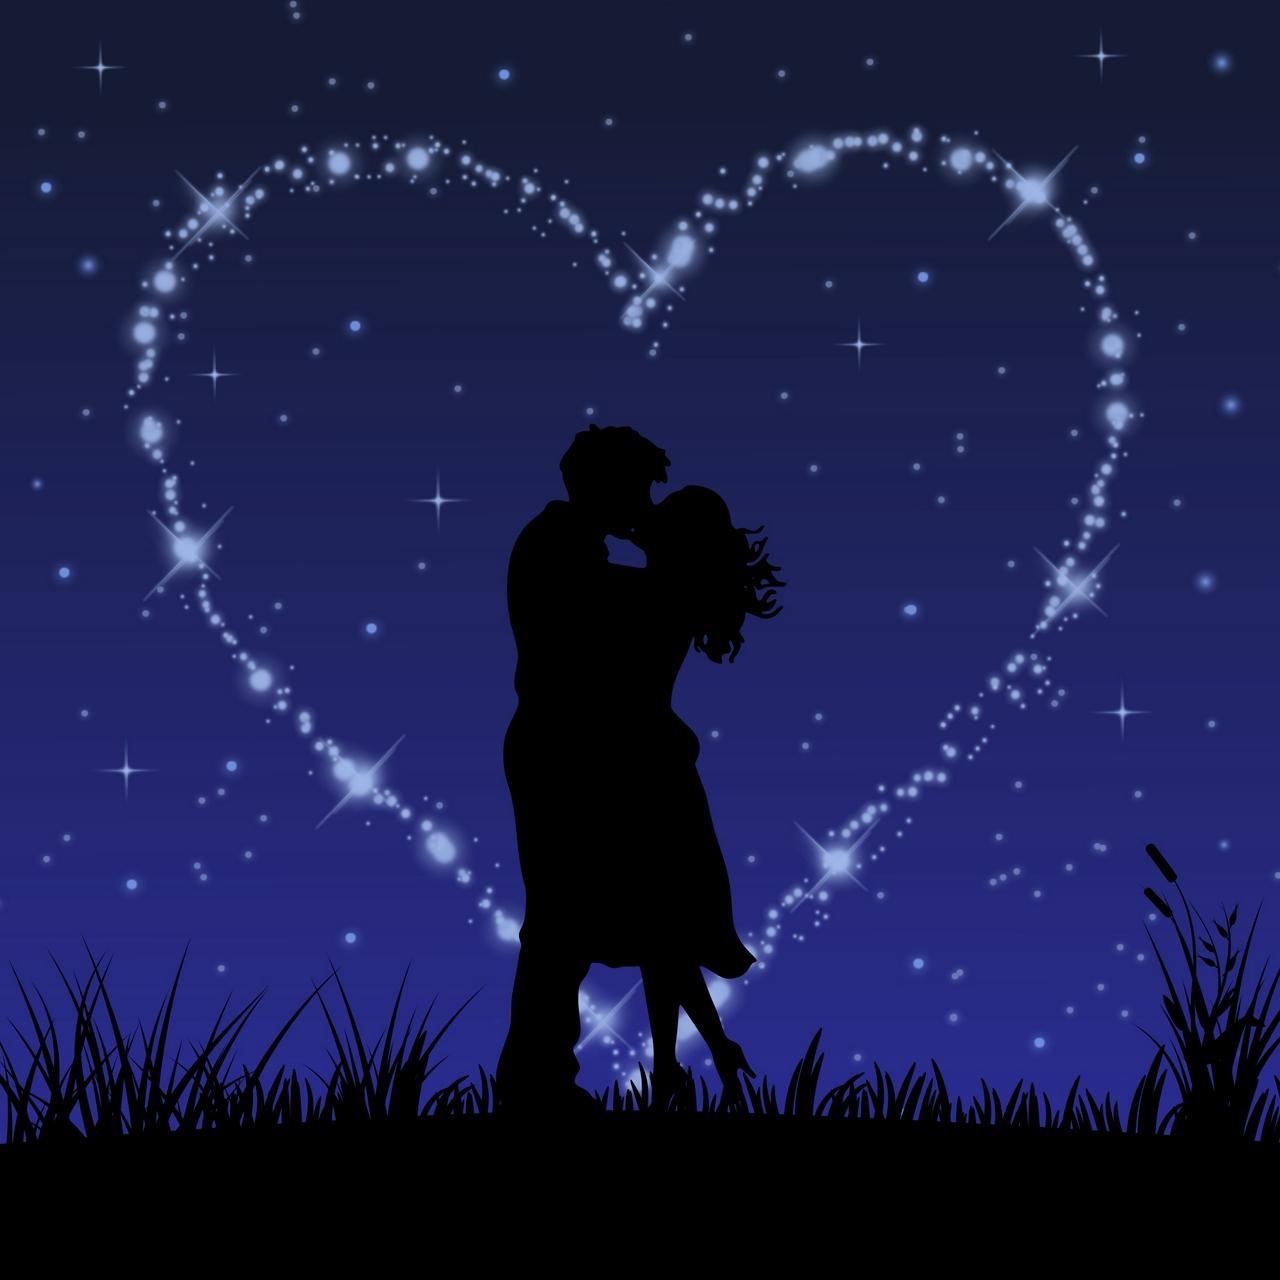 Картинки спокойной ночи молодому человеку романтичные